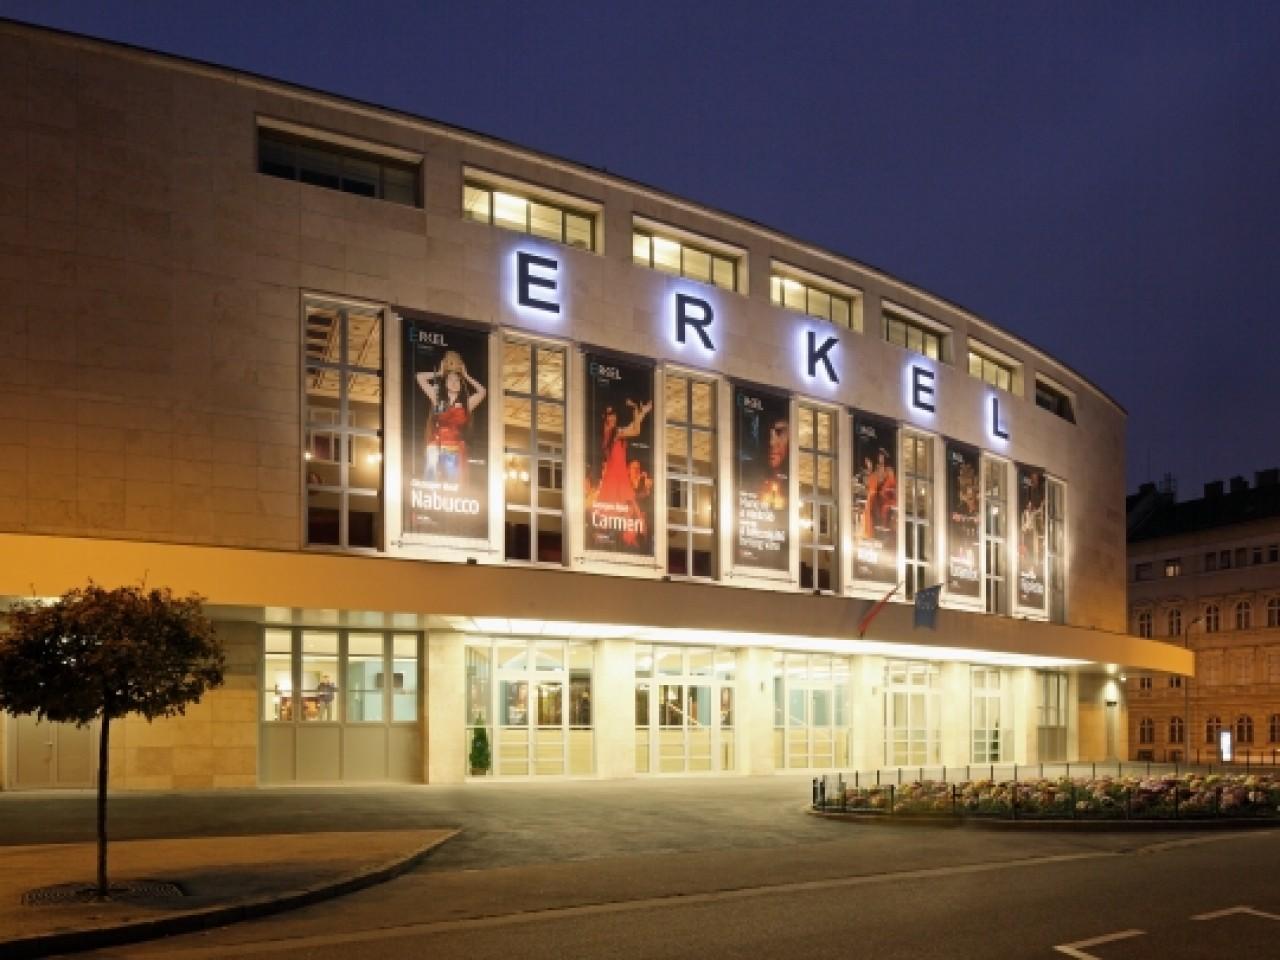 Erkel Theatre Performance Schedule